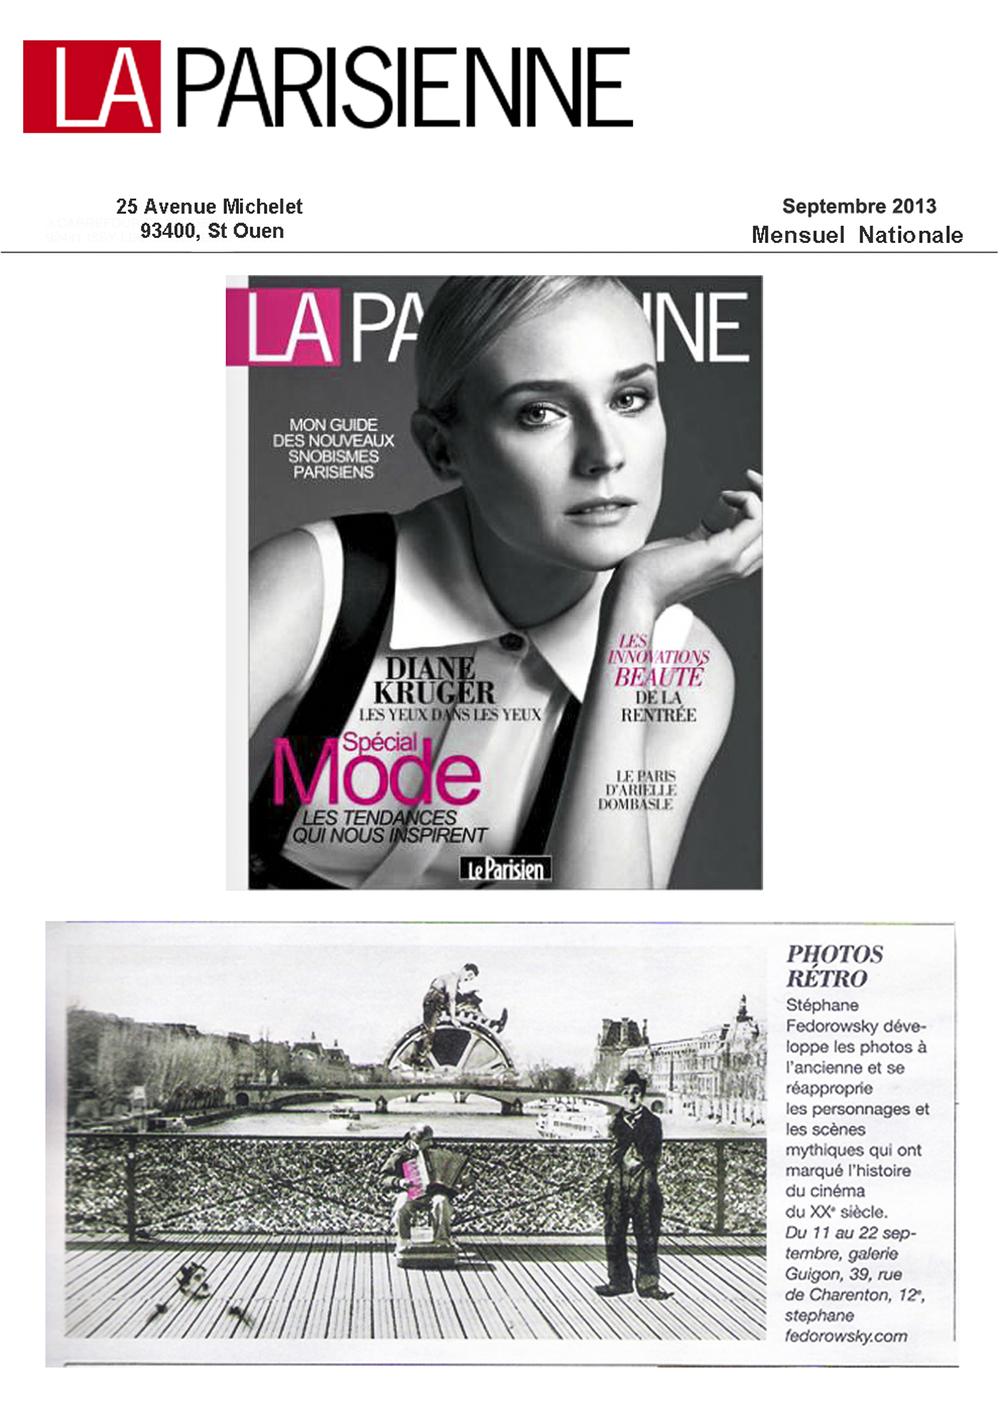 2013-09-11-la parisienne.jpg